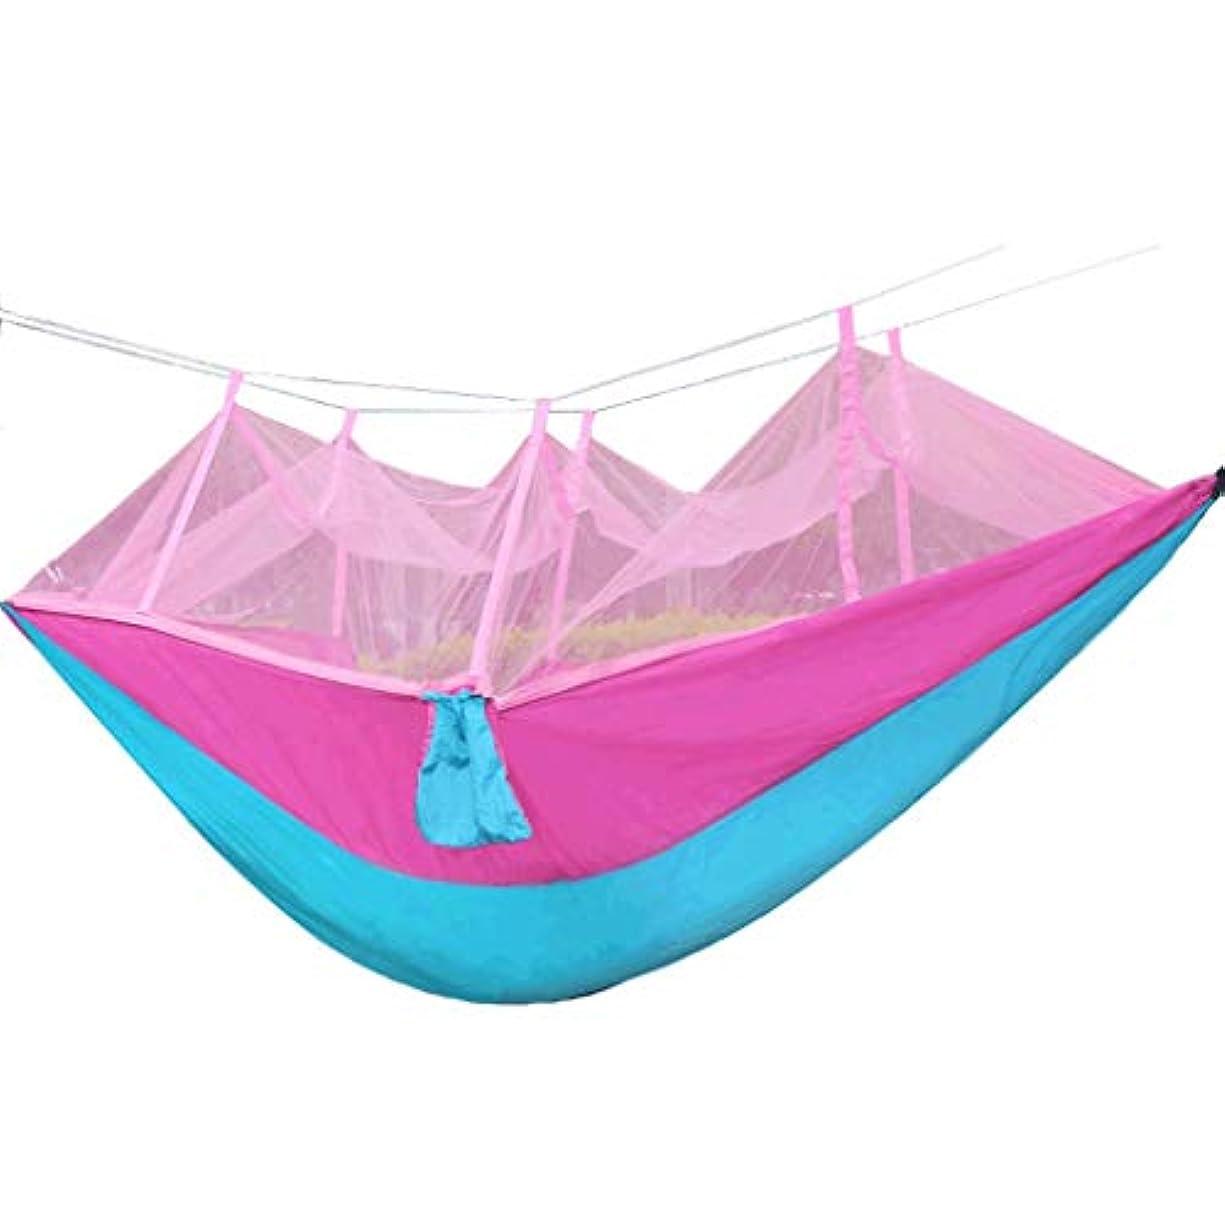 食堂合唱団考古学QIQIDEDIAN 蚊帳の二重パラシュートの布の超軽量の屋内キャンプと屋外ハンモック (Color : Pink)